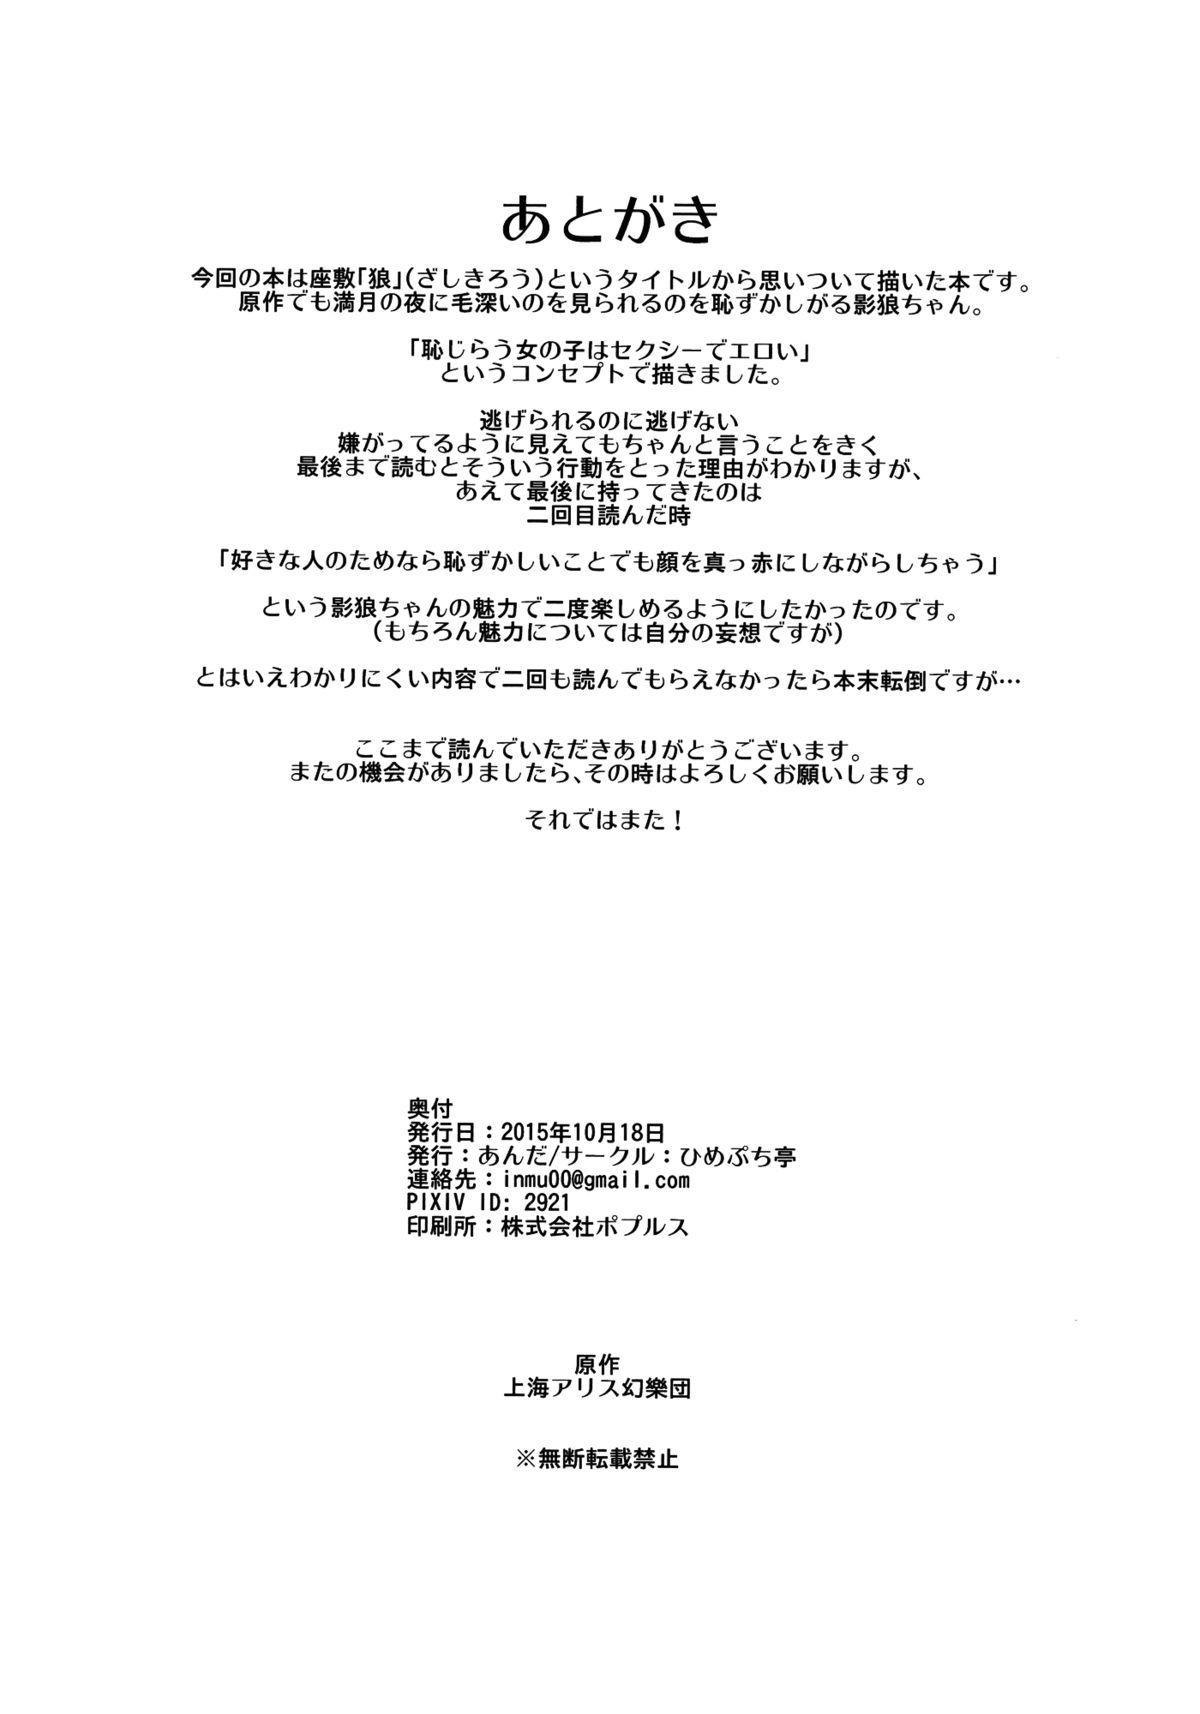 Zashikirou 21